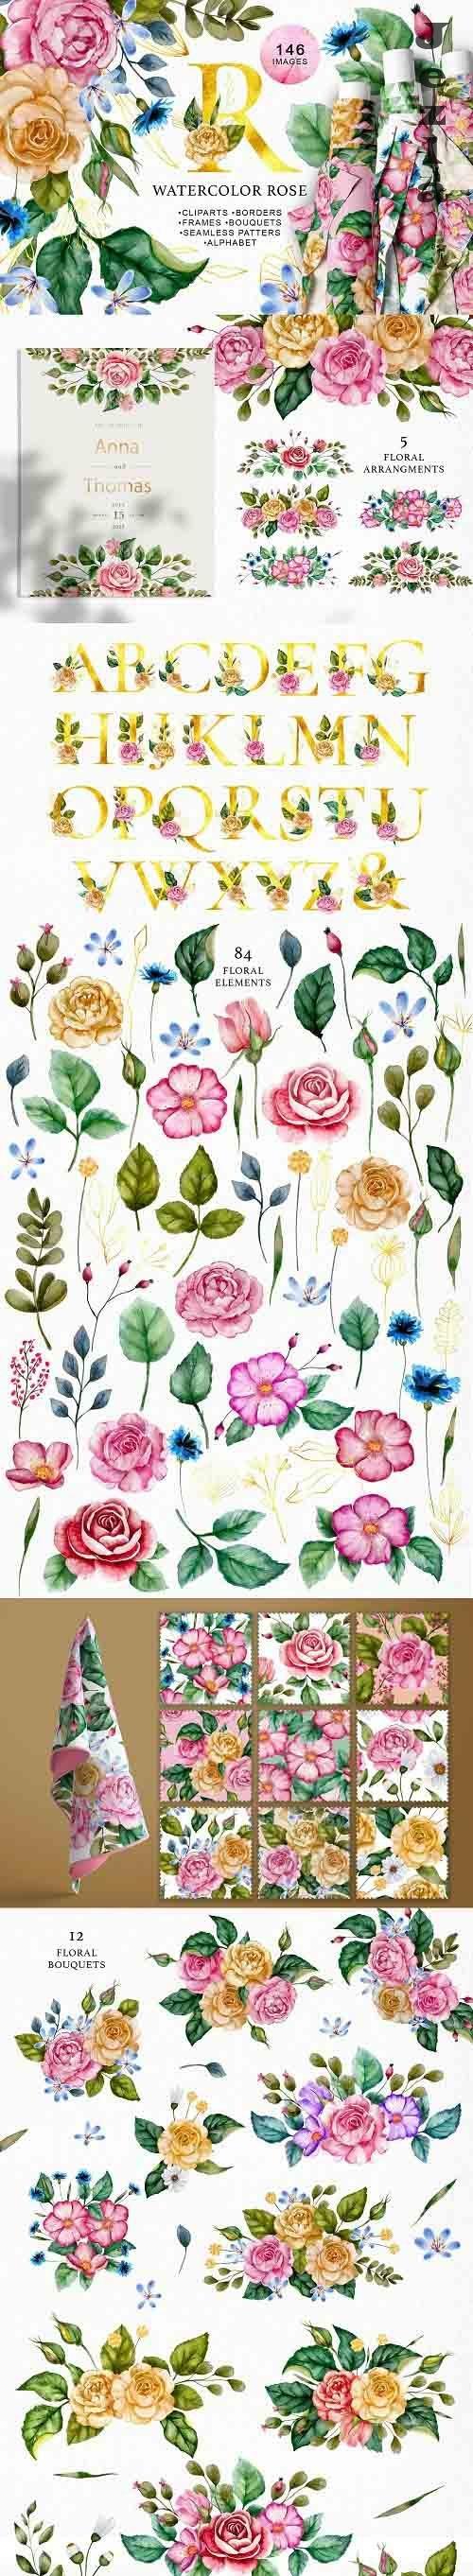 Watercolor Flowers & Golden Alphabet - 6119281